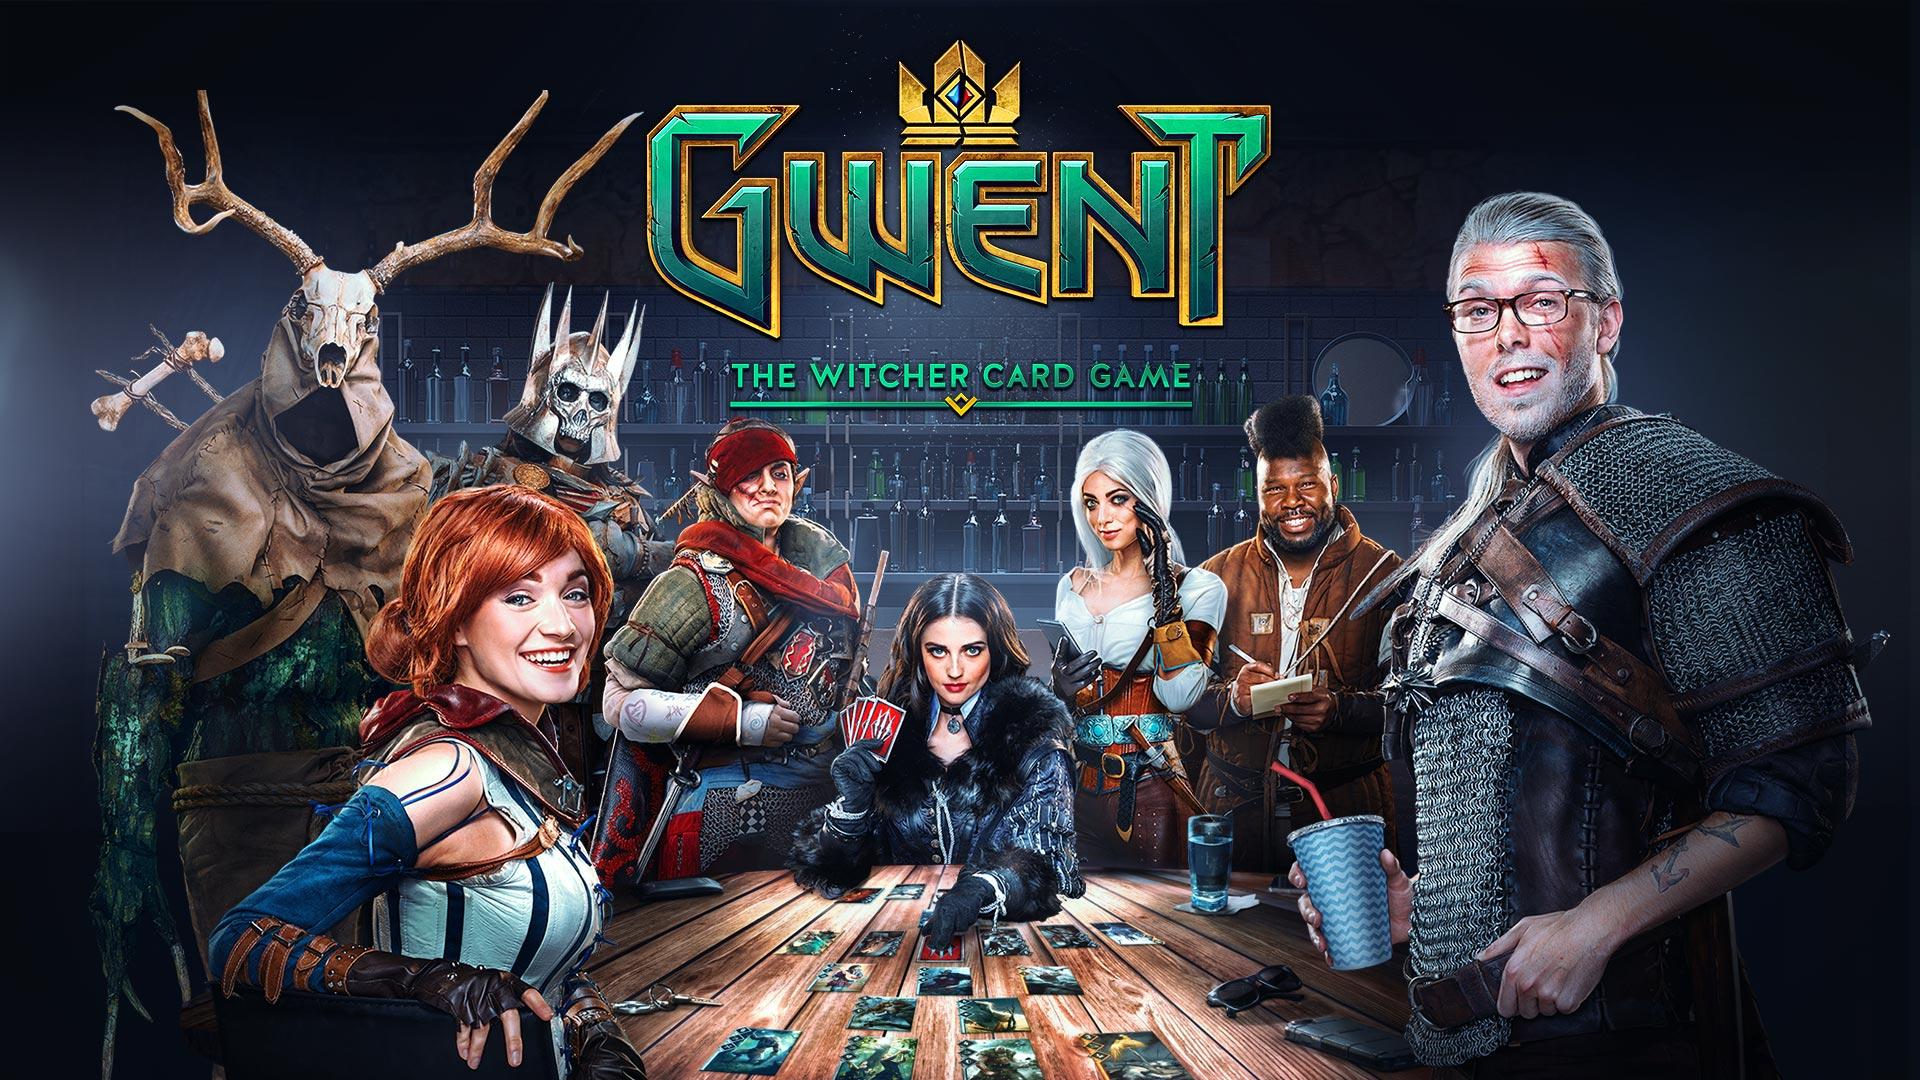 Выход сюжетной кампании для «ГВИНТ: Ведьмак. Карточная игра» перенесён набудущий год